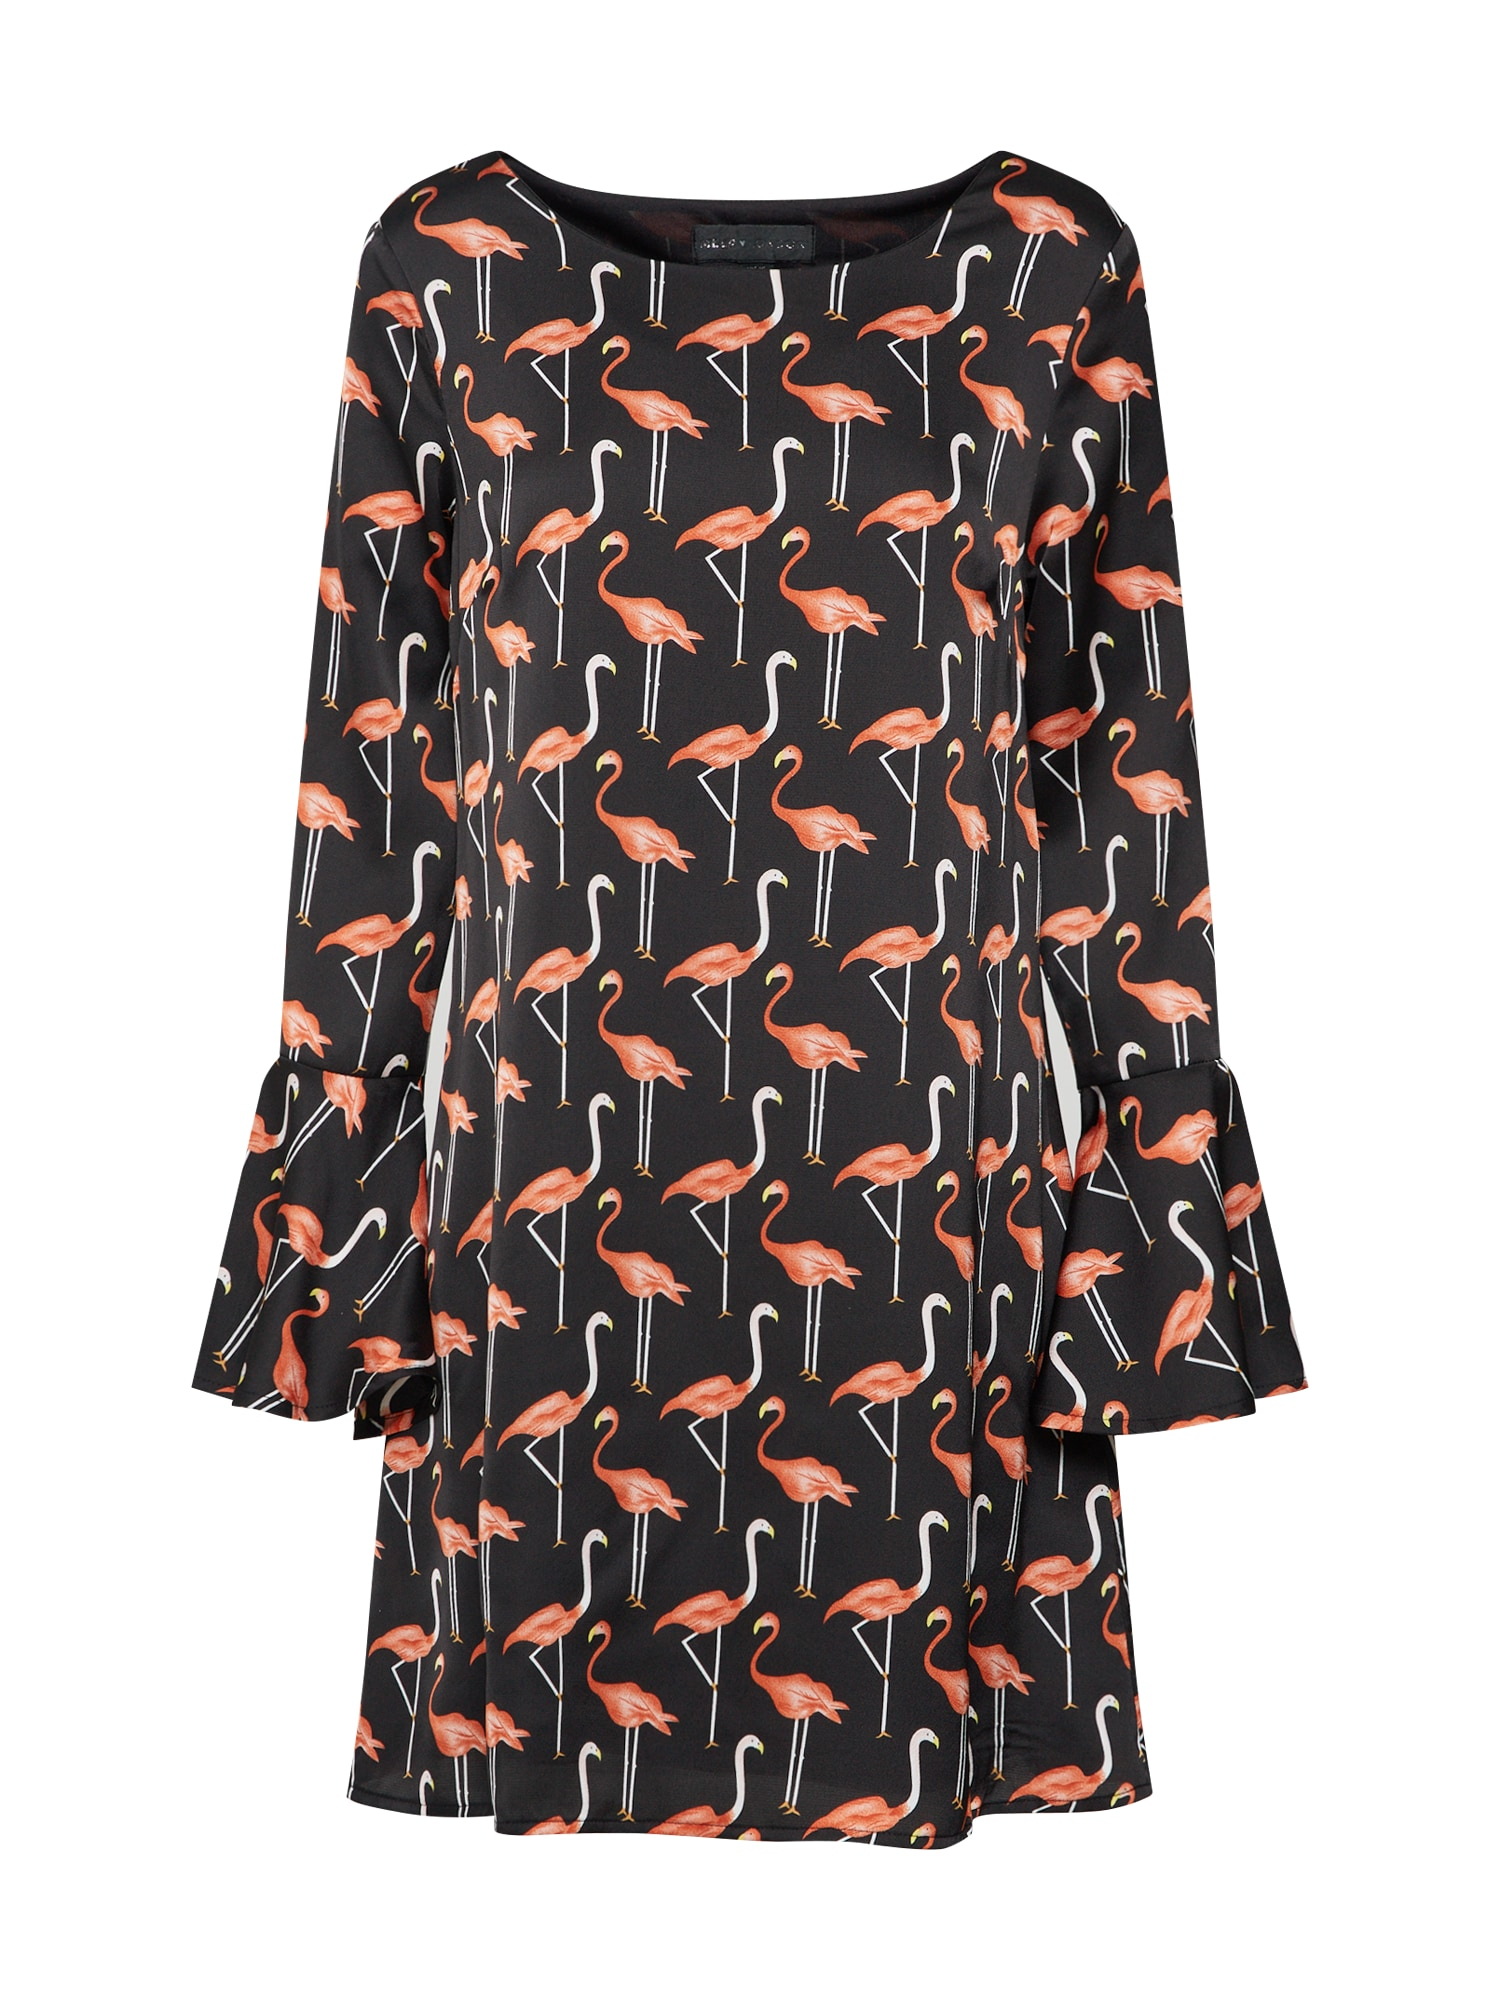 Šaty Flamingo Print Tunic Dress oranžově červená černá Mela London